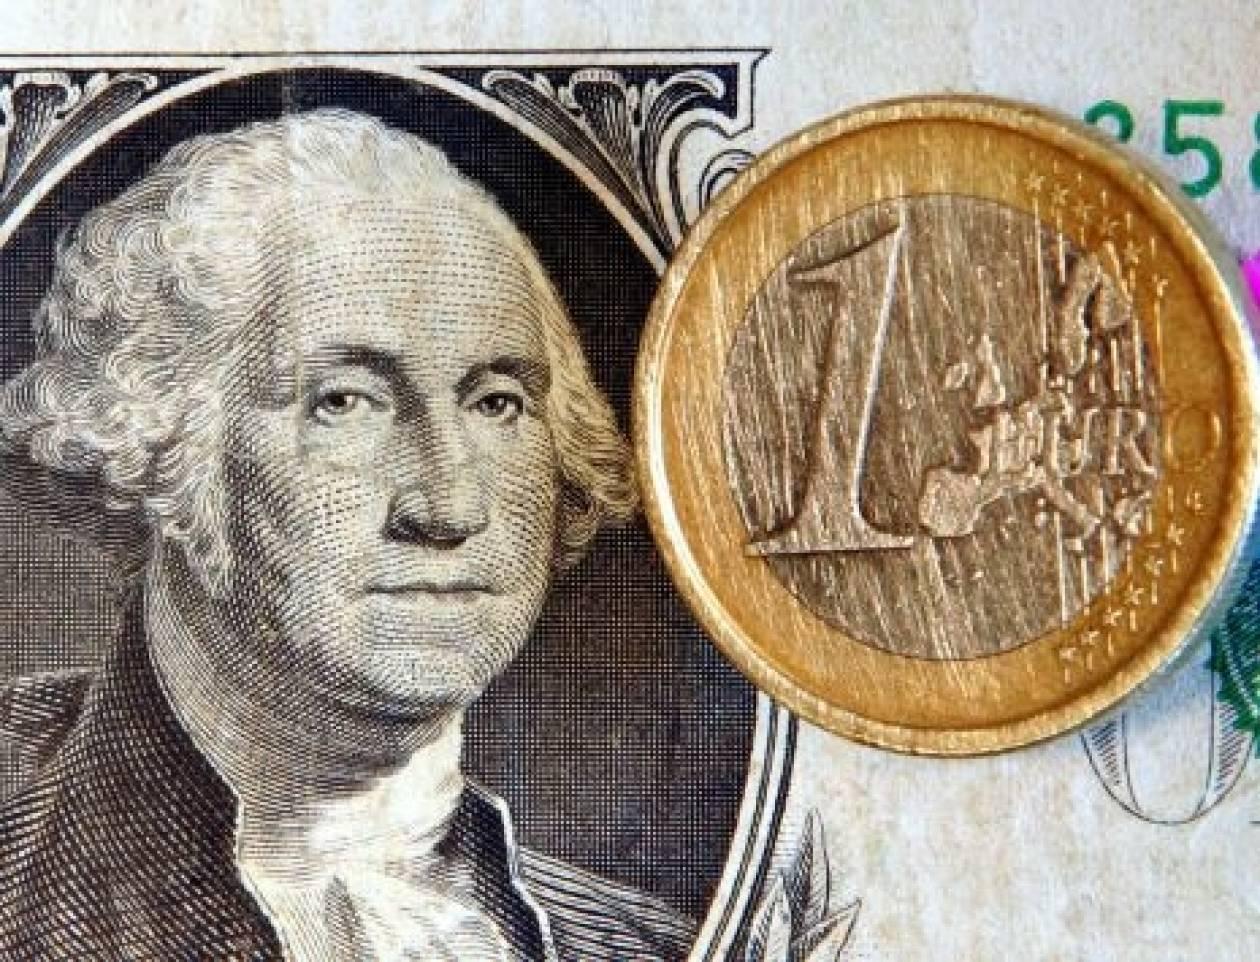 Το ευρώ ενισχύεται κατά 0,36% και διαμορφώνεται στα 1,3274 δολάρια